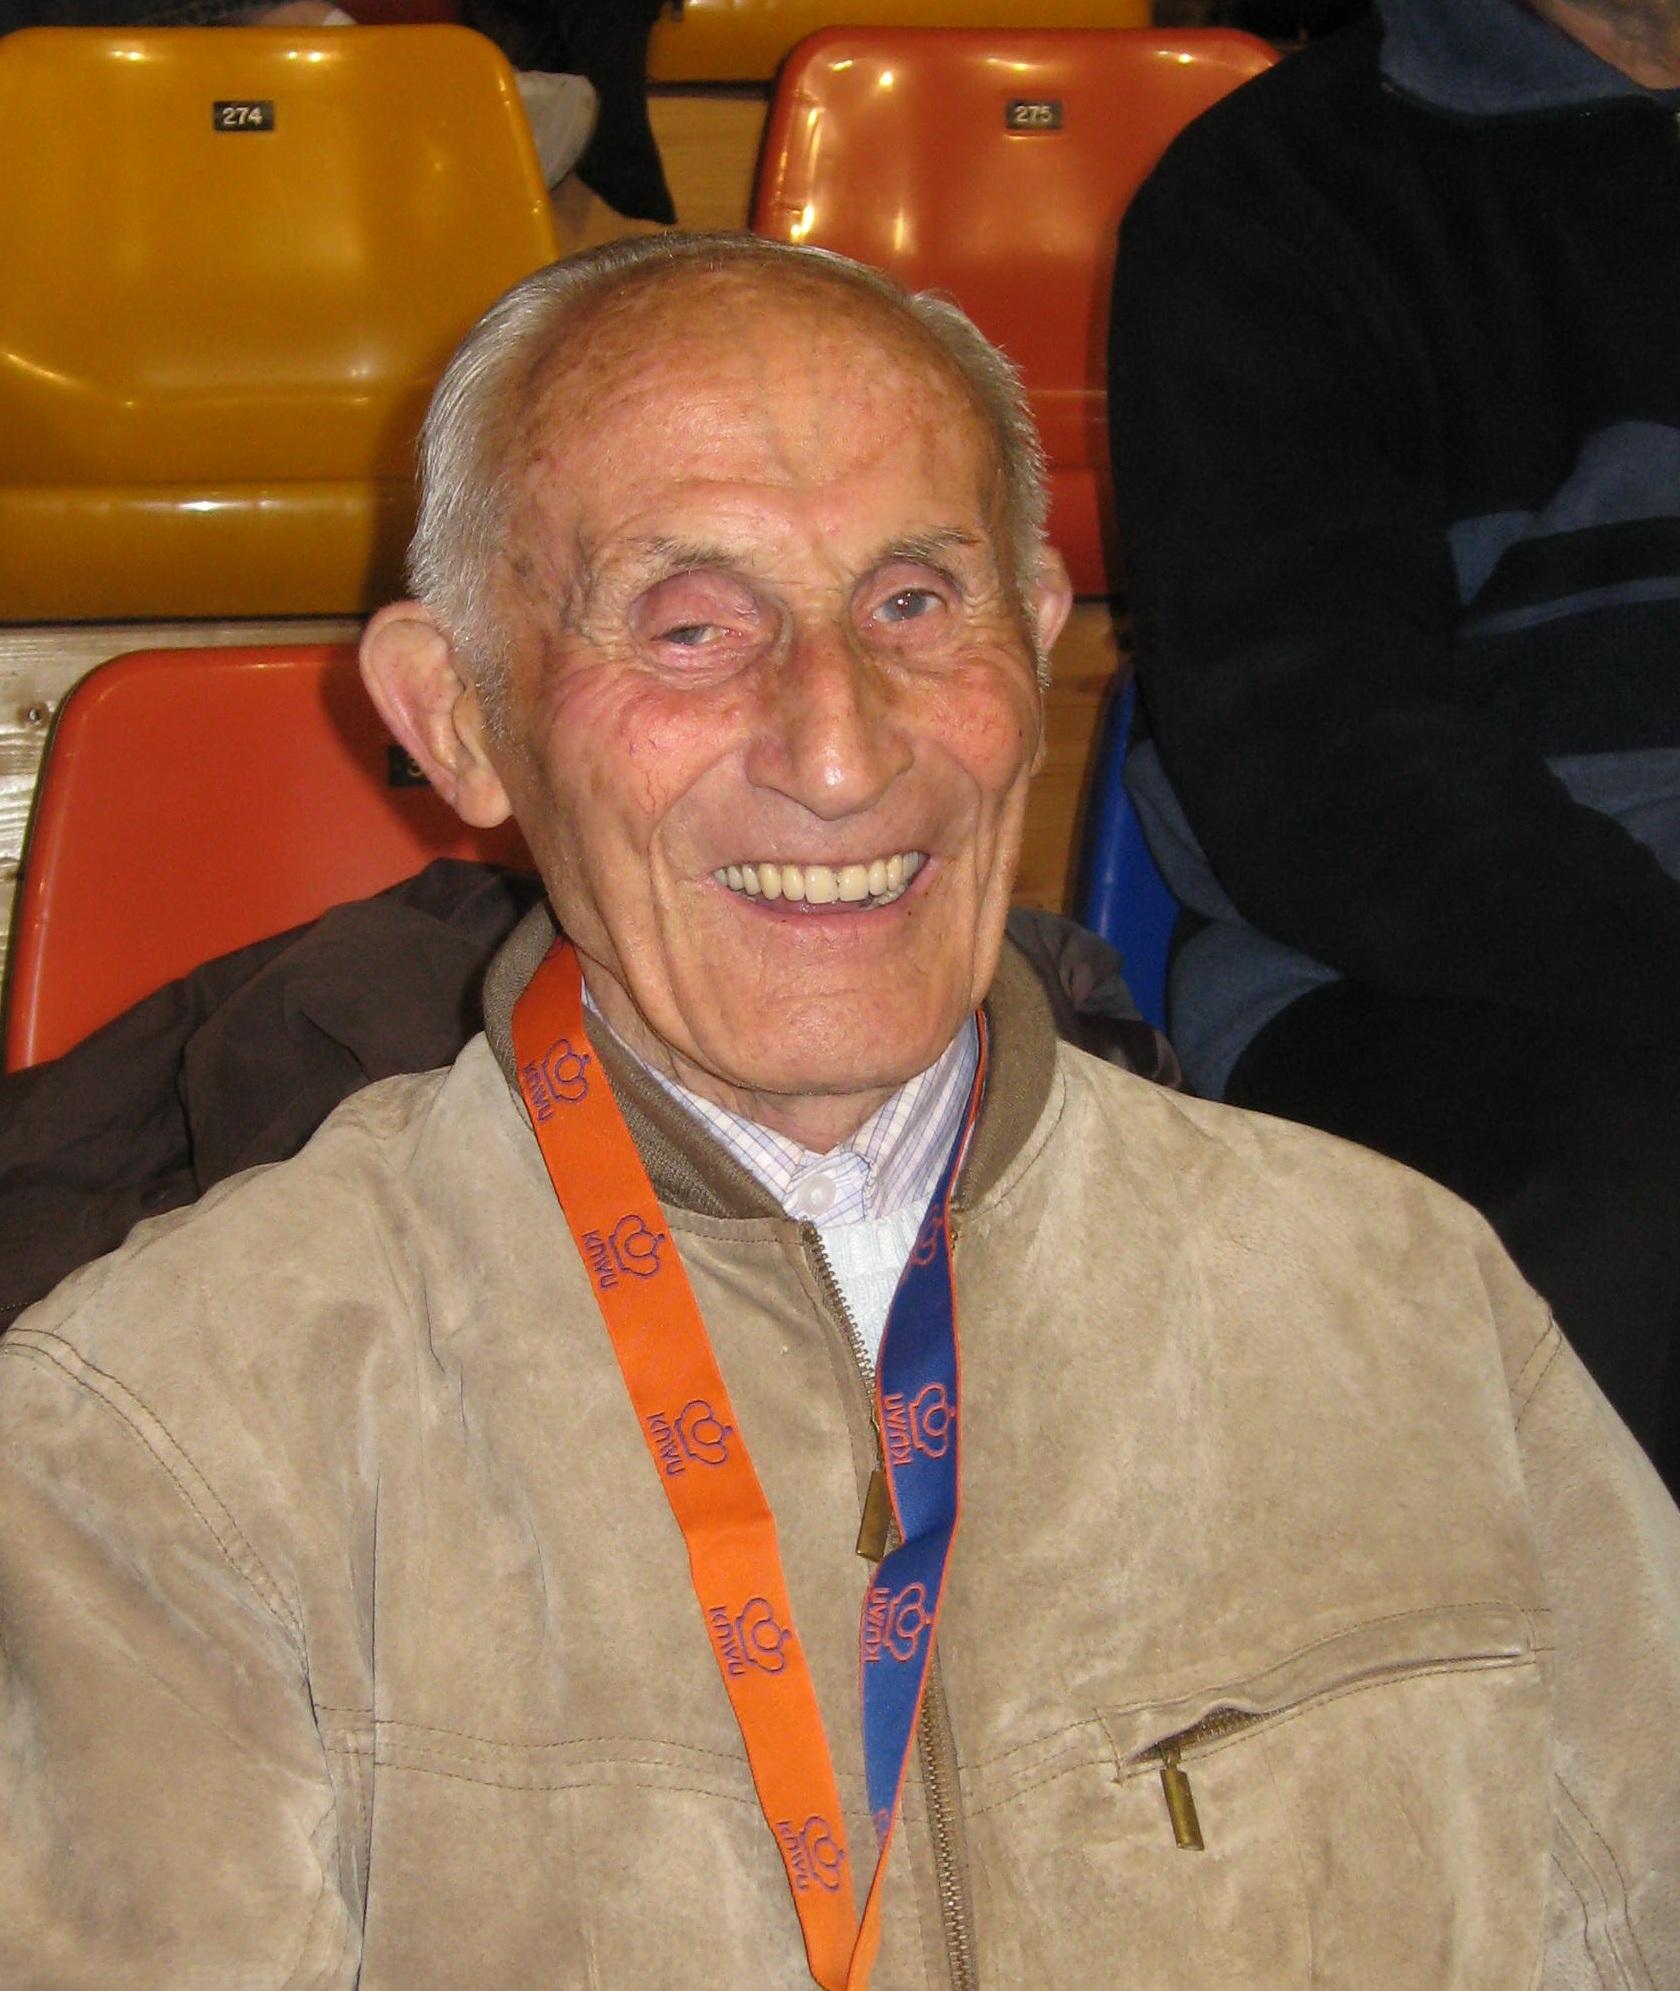 Jan Pronk Cyclist Wikipedia